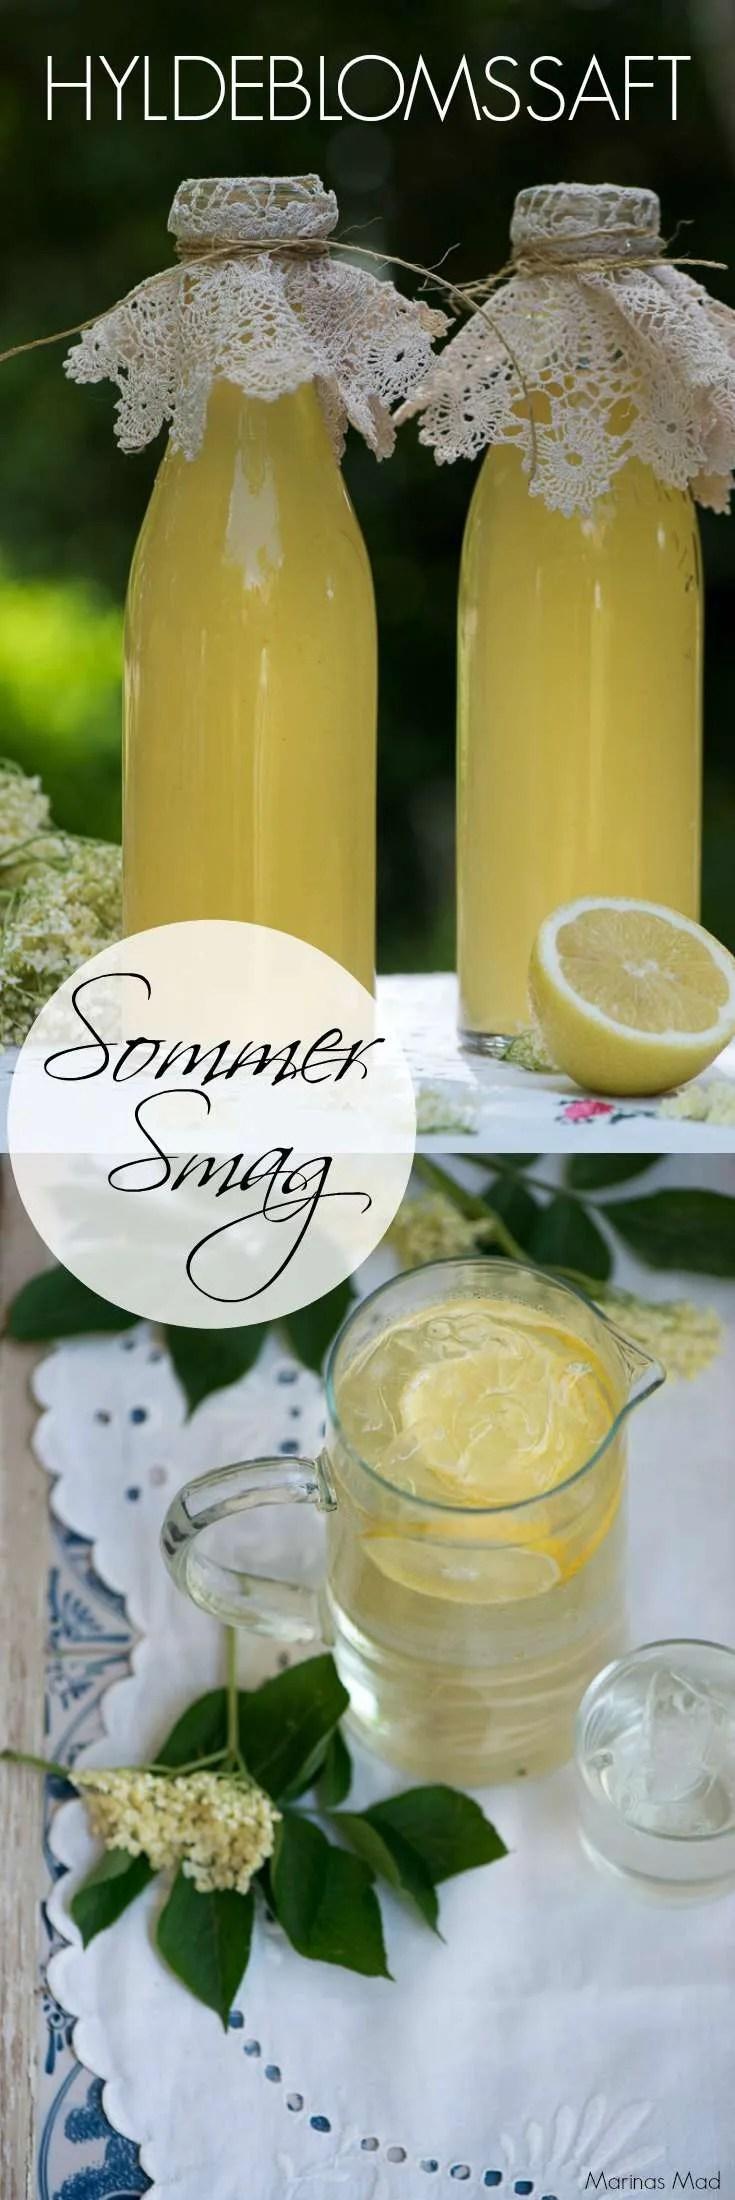 Nem og dejlig opskrift på hyldeblomstsaft. Ren sommermagi på flaske for når man drikker sådan et glas hjemmelavet saftevand med duft af hyldeblomst og frisk citron bliver man simpelthen i sommer humør. Opskrift fra Marinas Mad